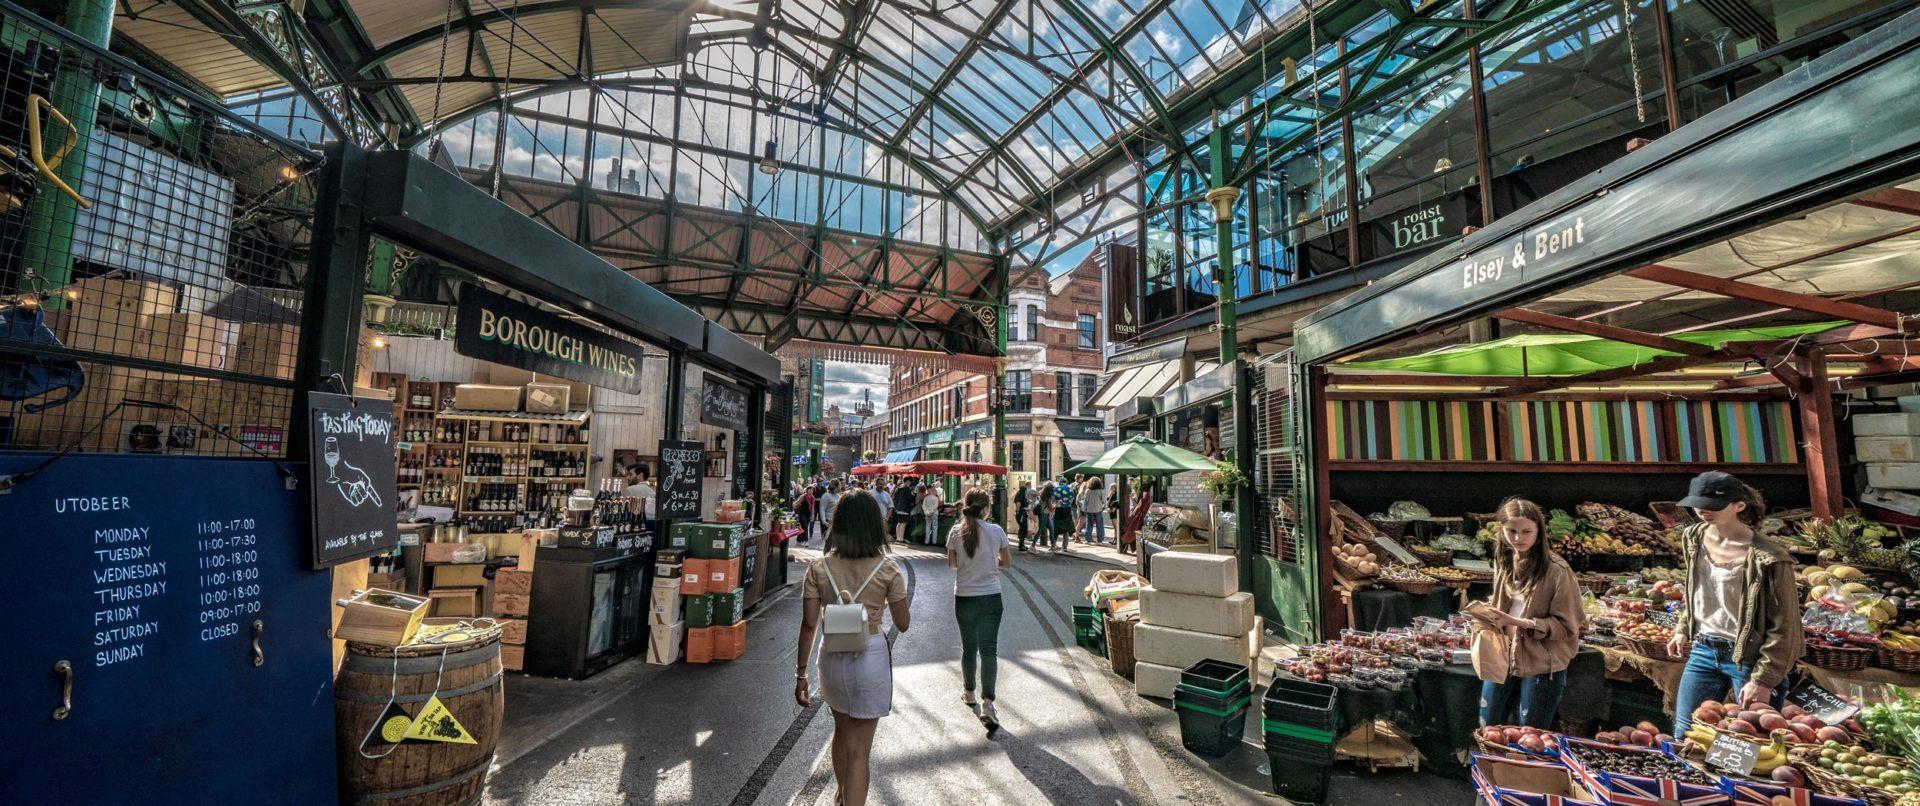 Borough-Market-family-food-tour